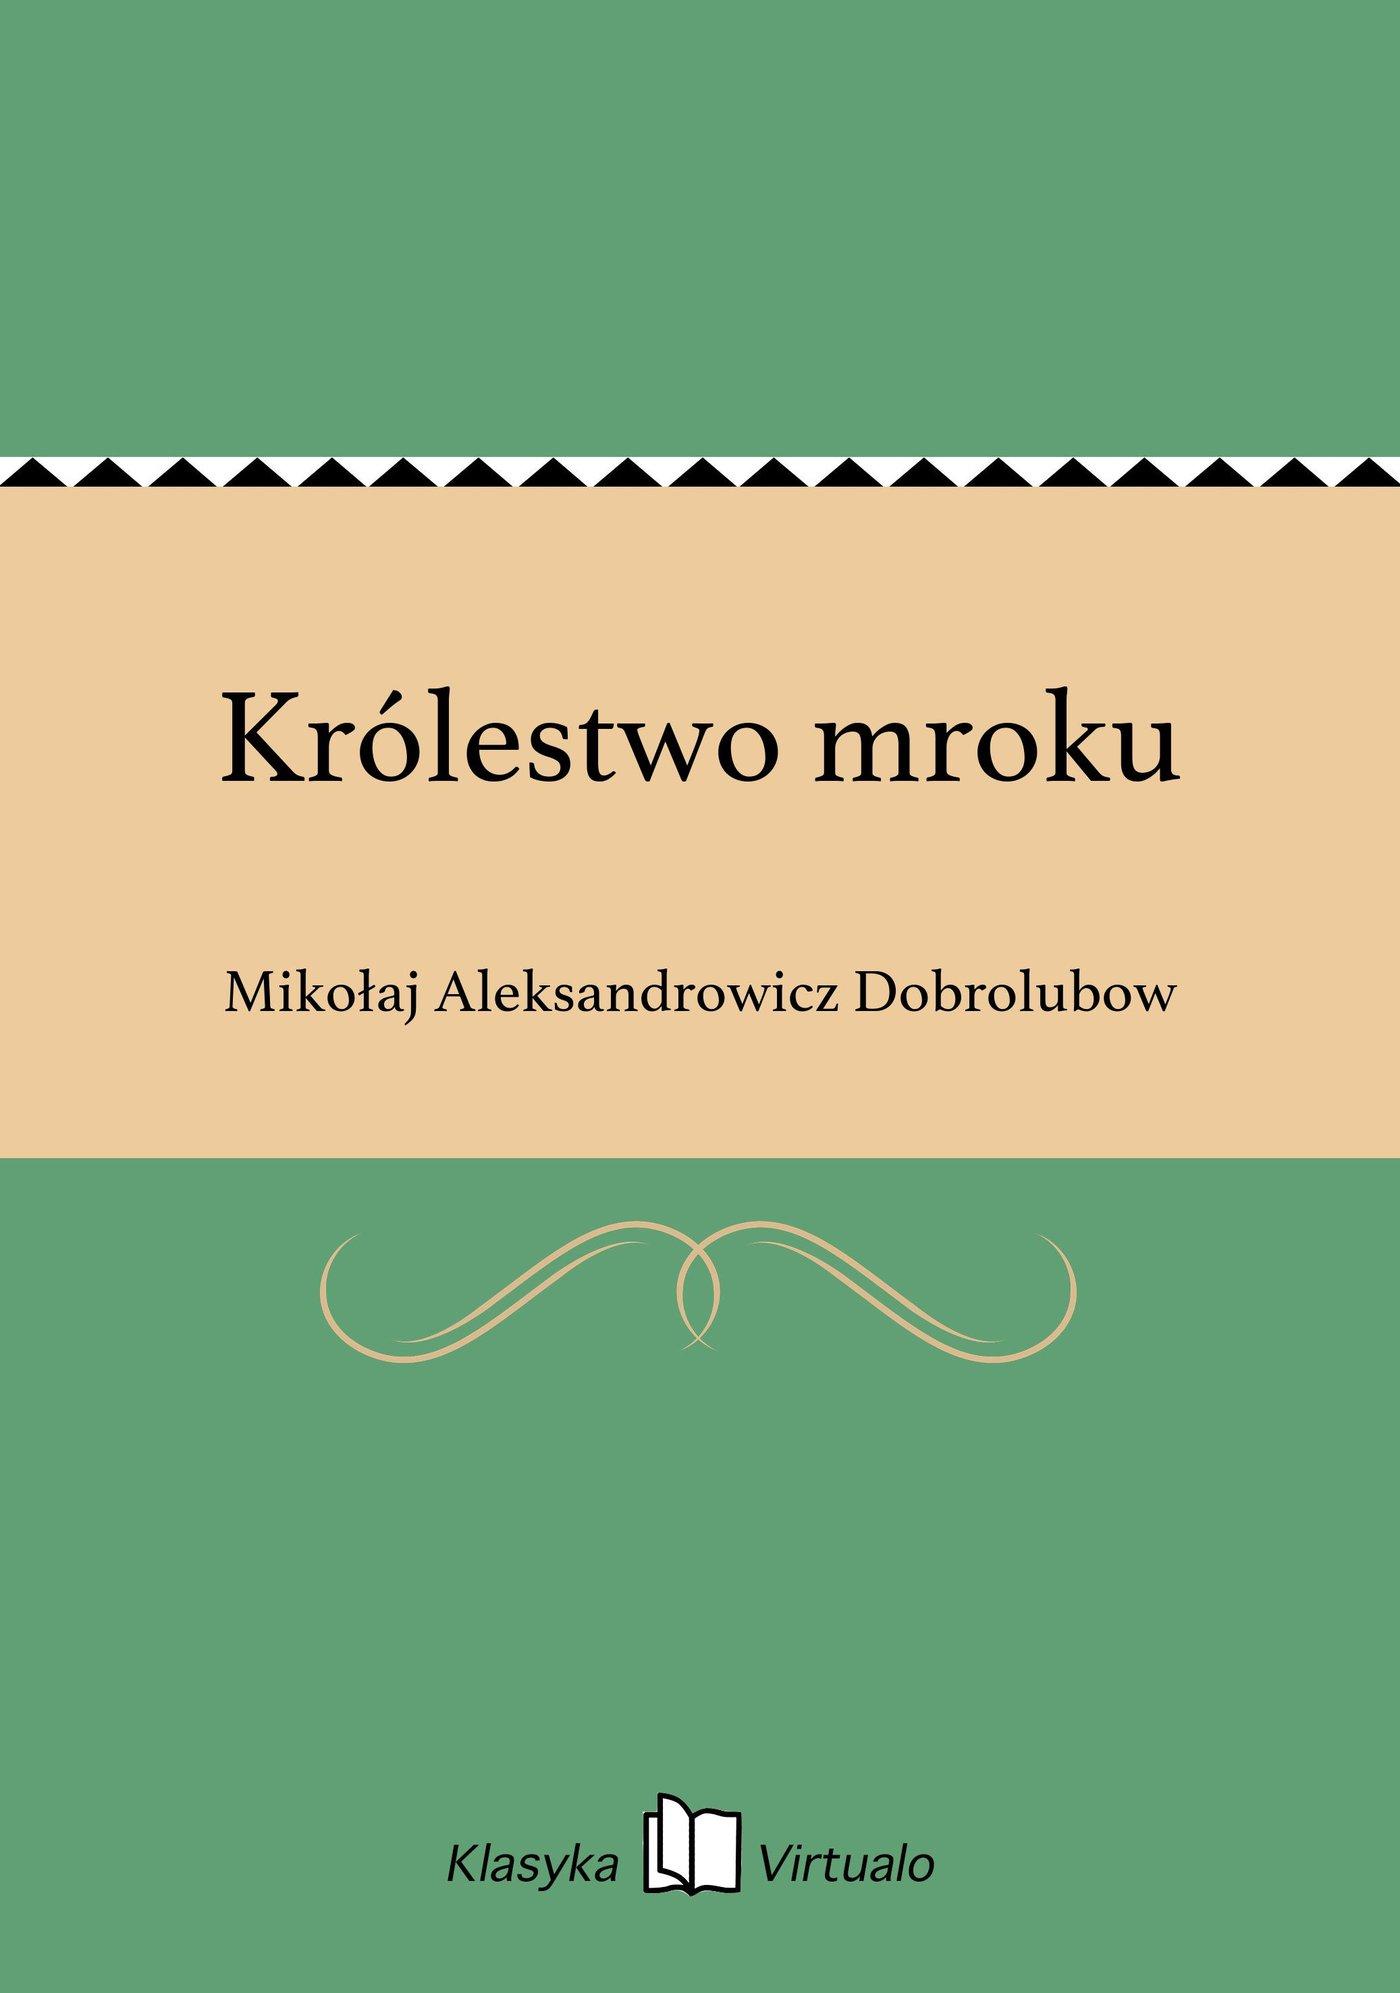 Królestwo mroku - Ebook (Książka EPUB) do pobrania w formacie EPUB